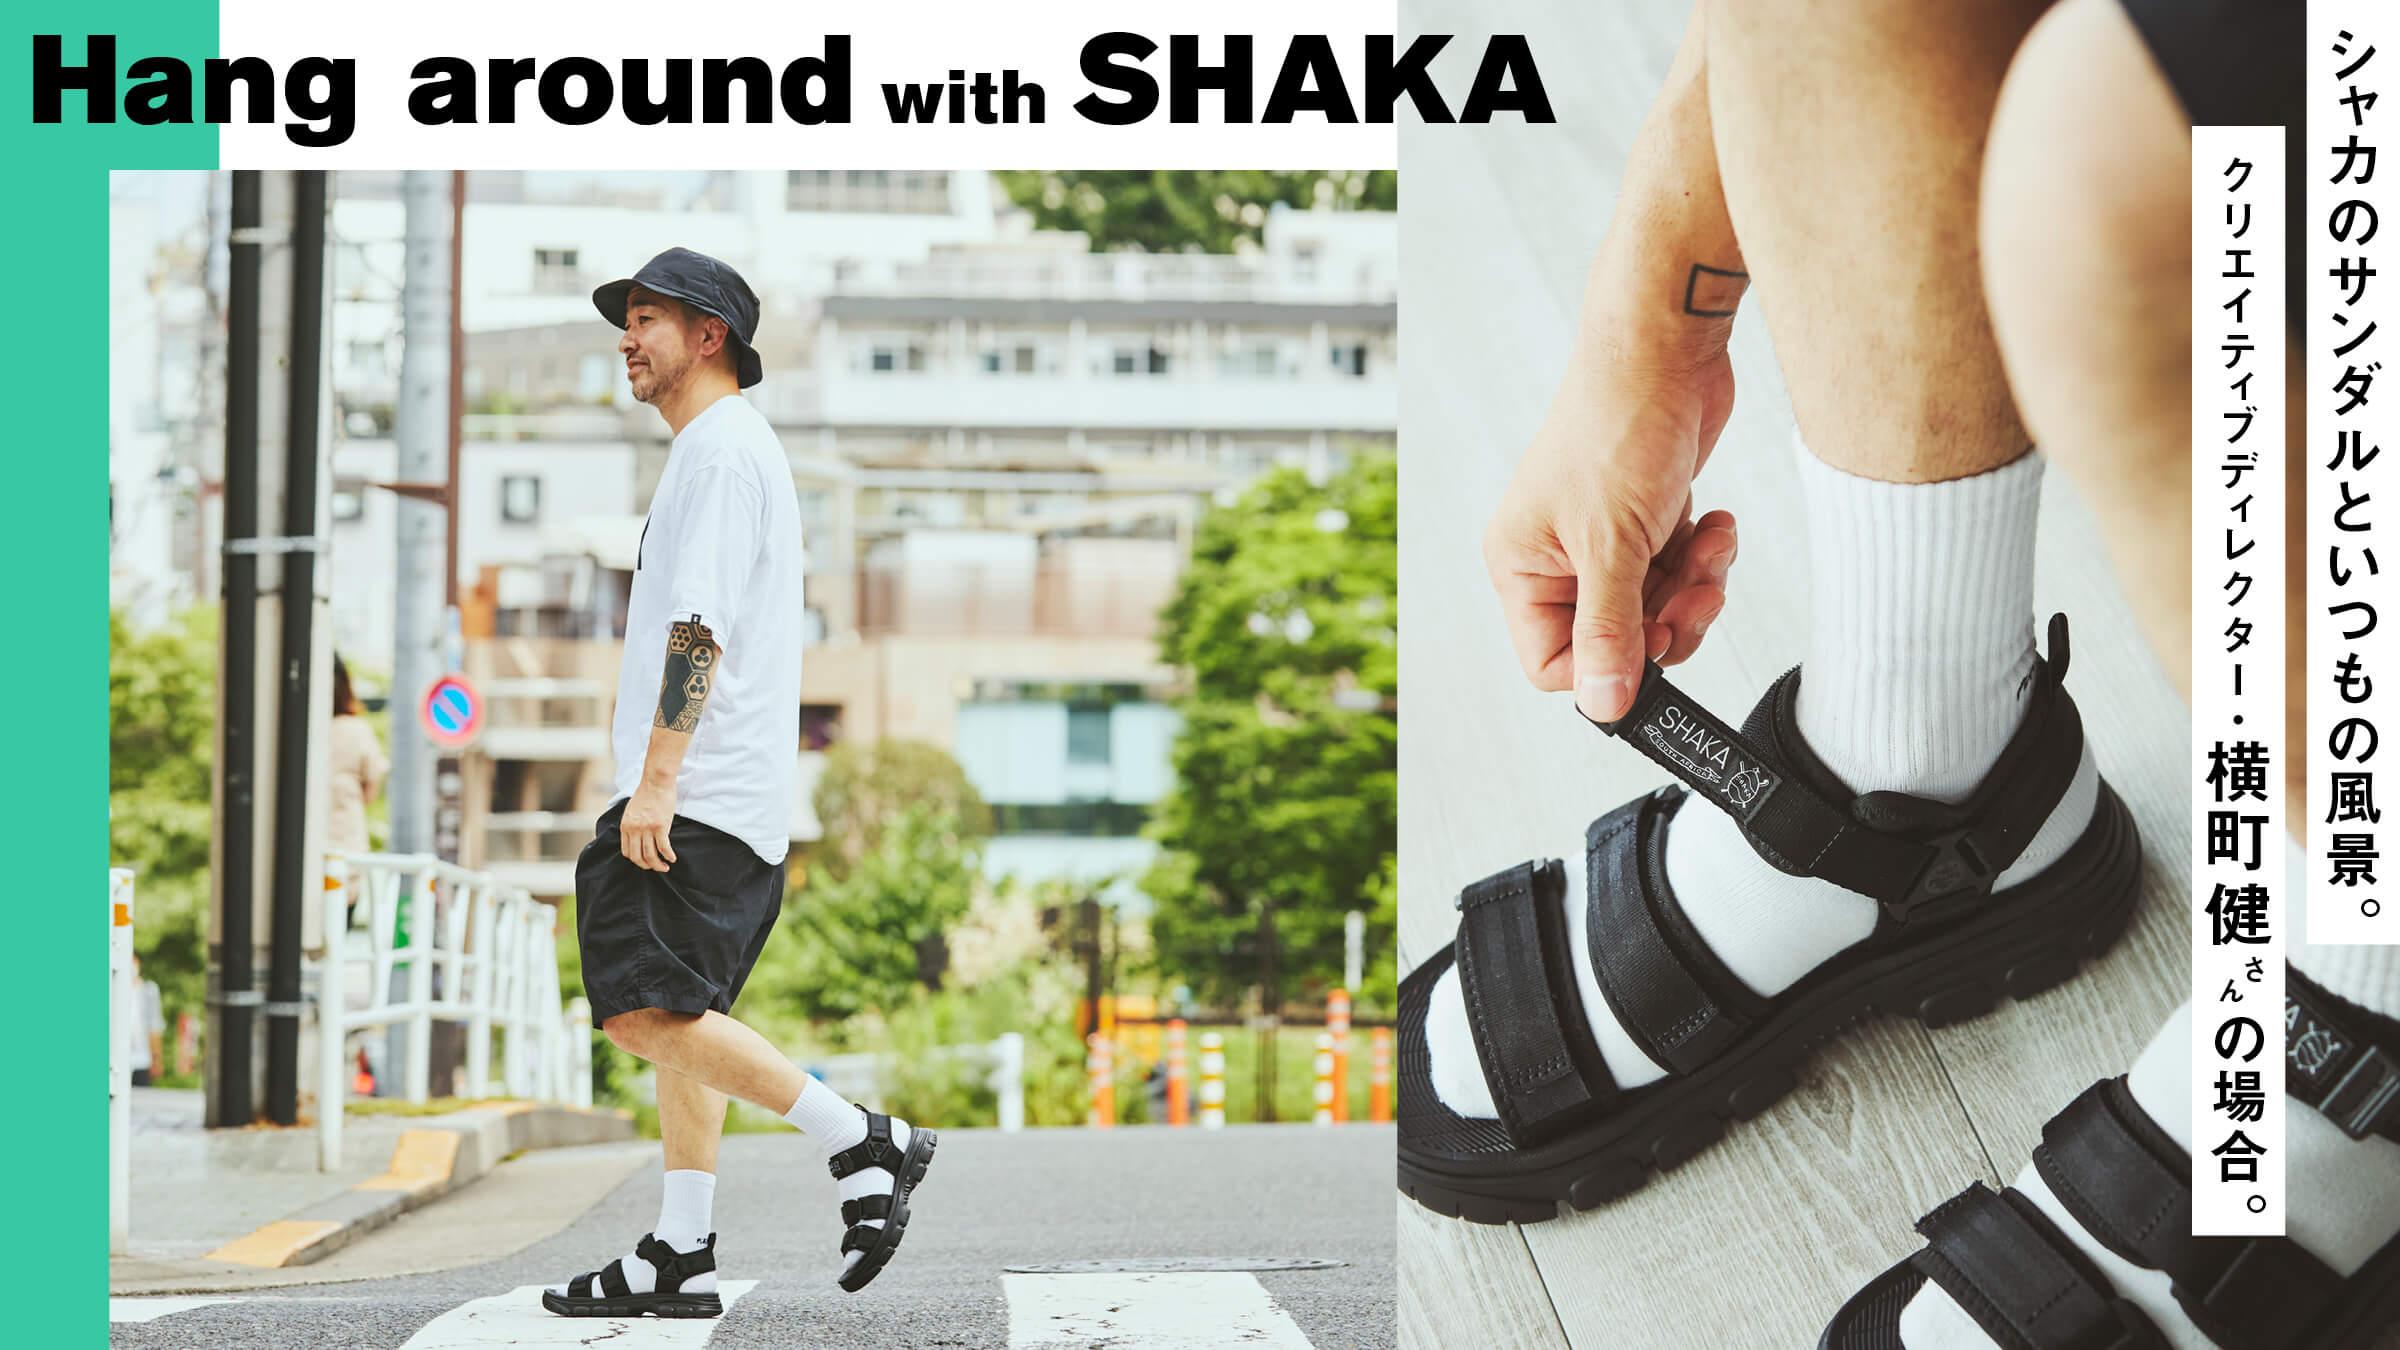 シャカのサンダルといつもの風景。クリエイティブディレクター・横町健さんの場合。